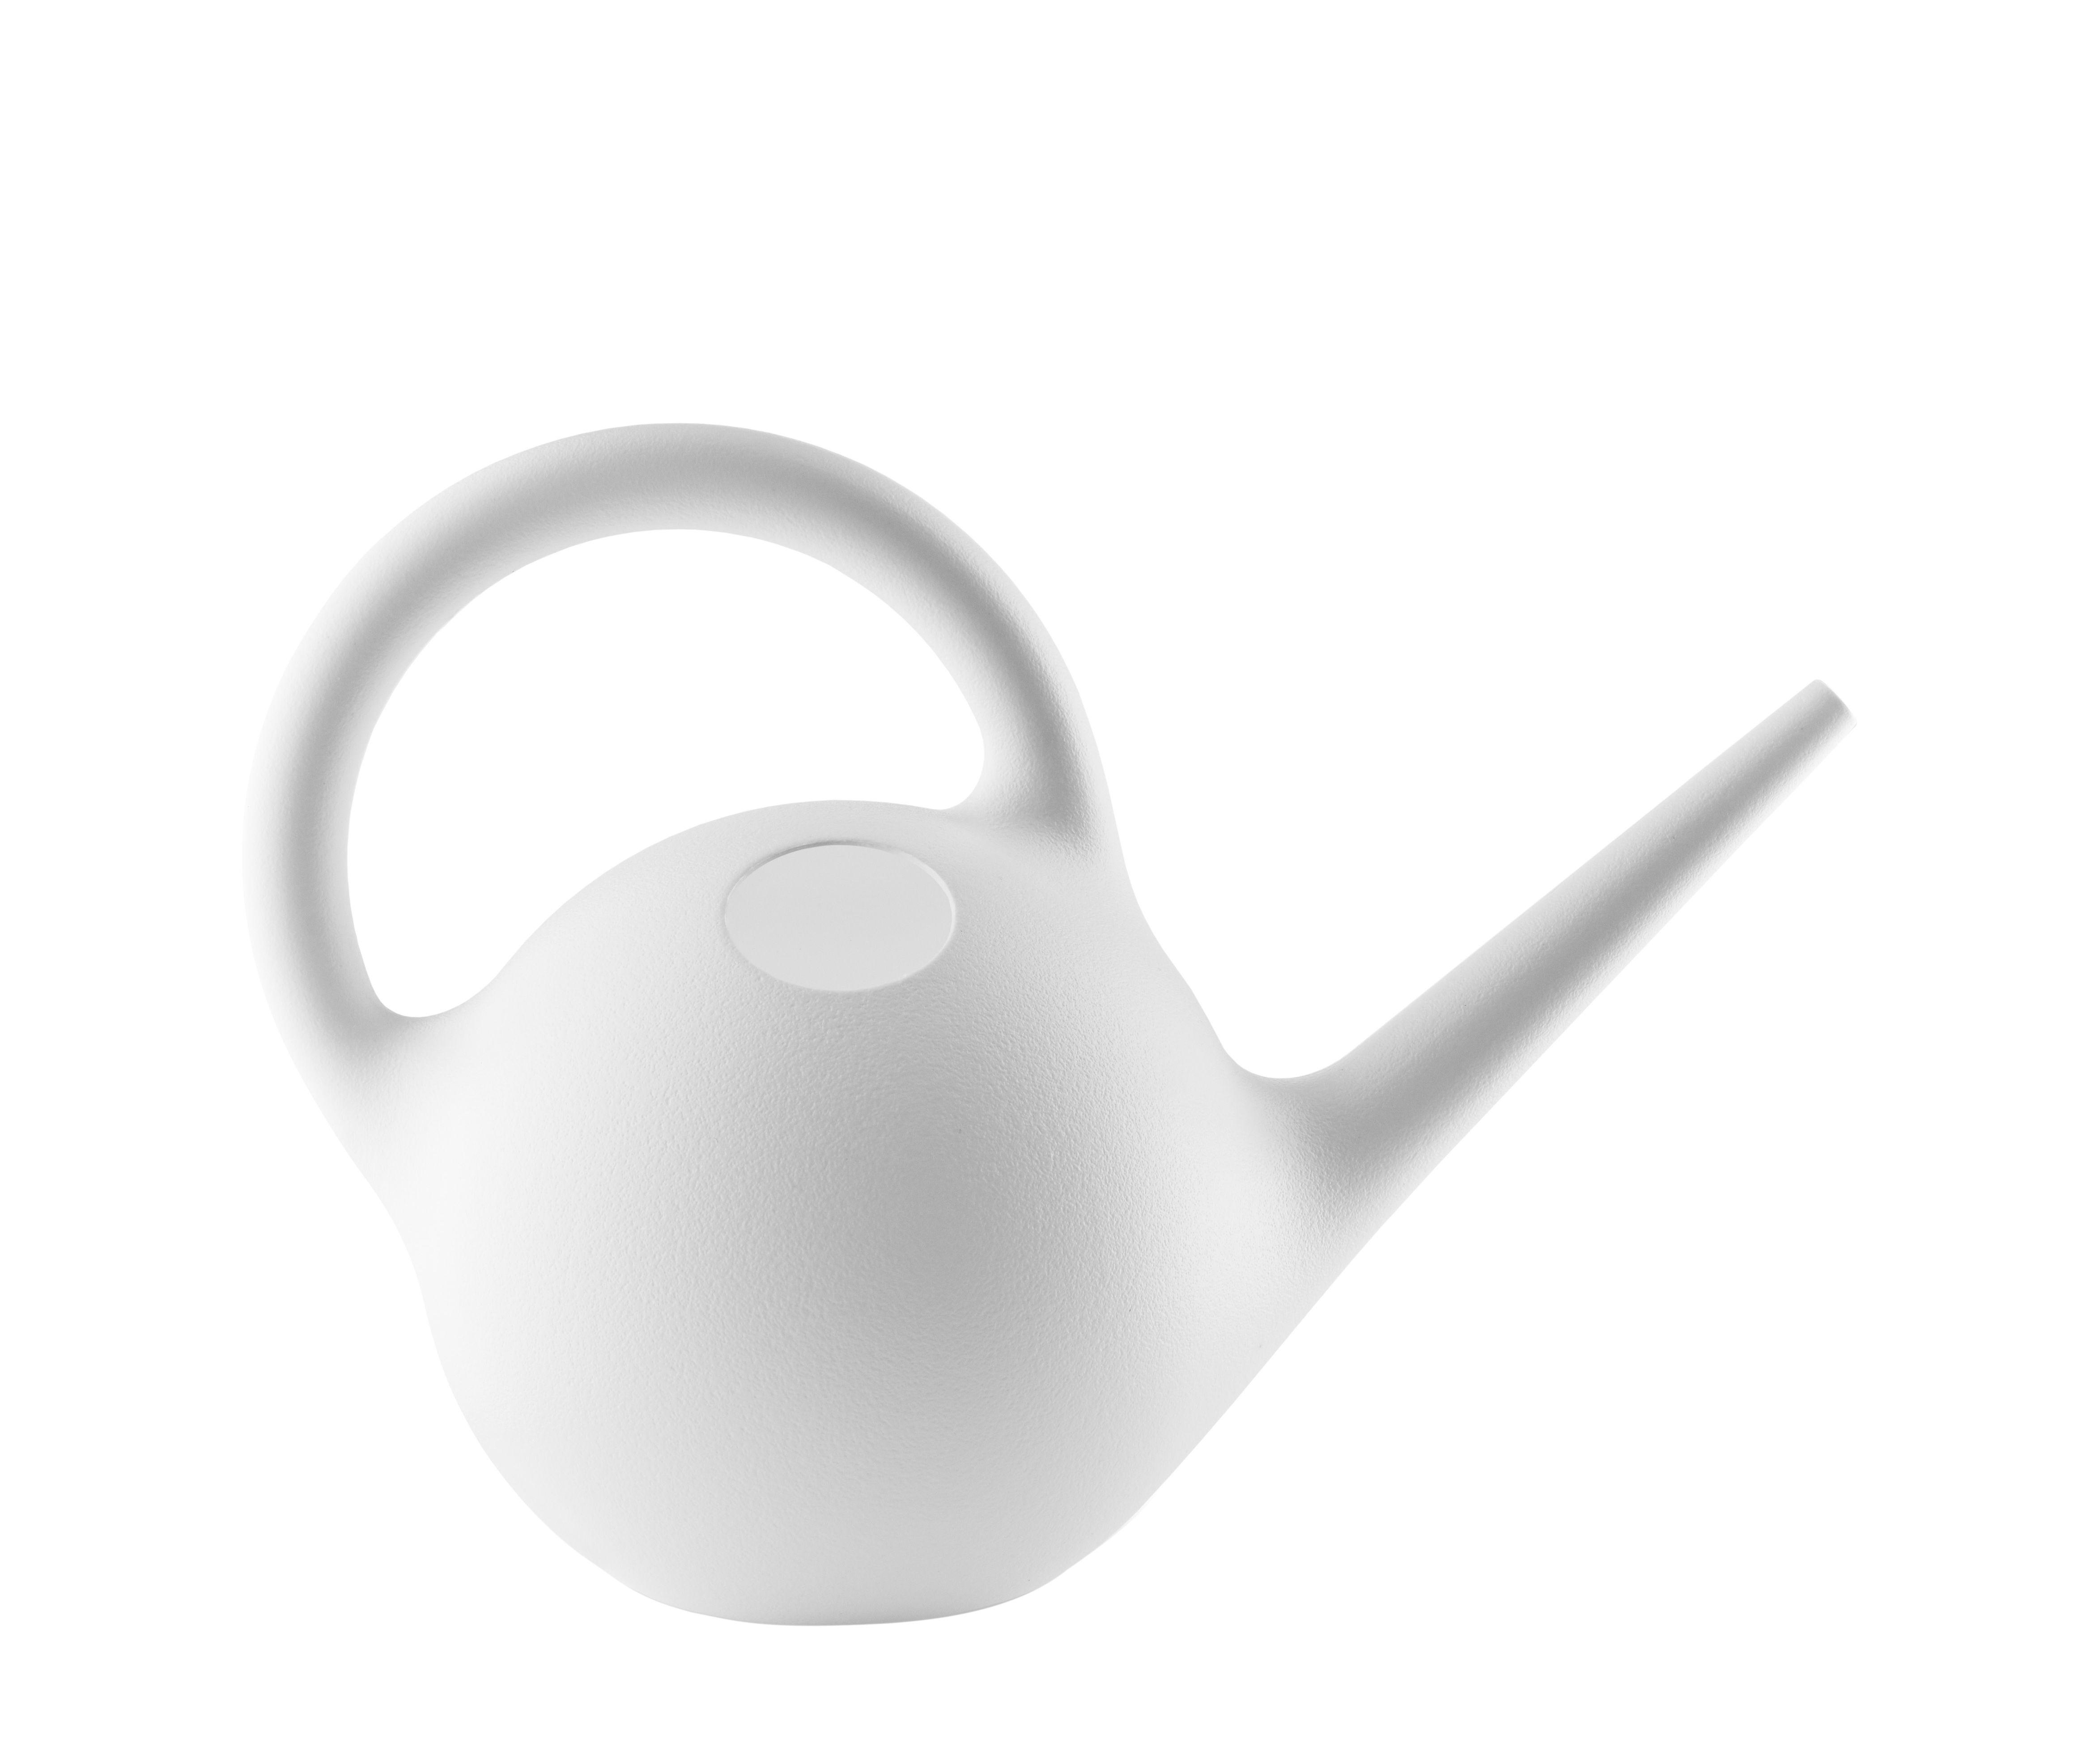 Outdoor - Töpfe und Pflanzen - Globe Gießkanne / 2.5 L - Eva Solo - Weiß - Plastik, rostfreier Stahl